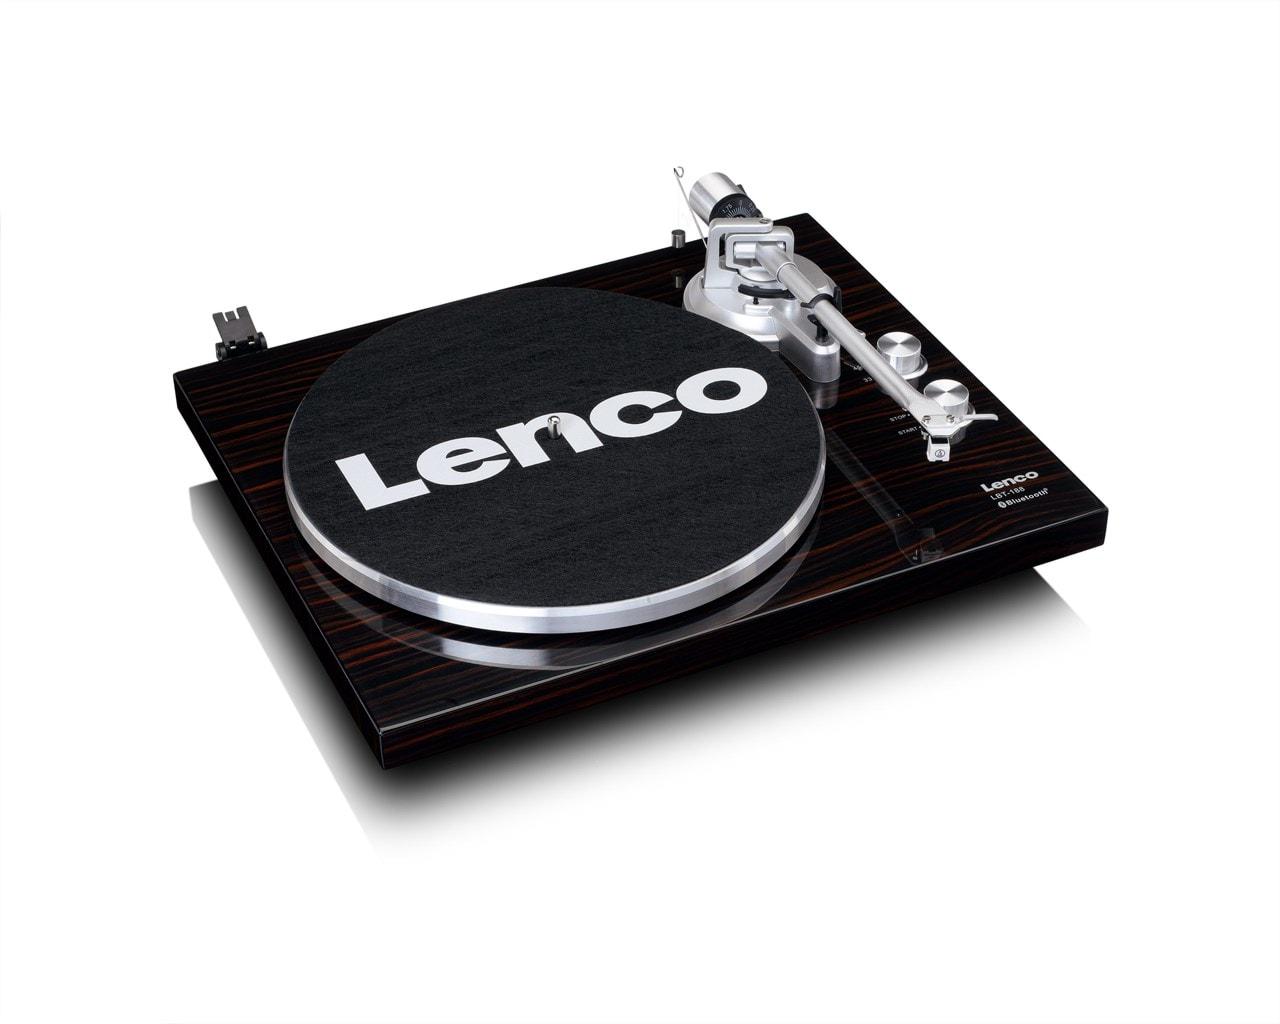 Lenco LBT-188 Walnut Bluetooth Turntable - 4